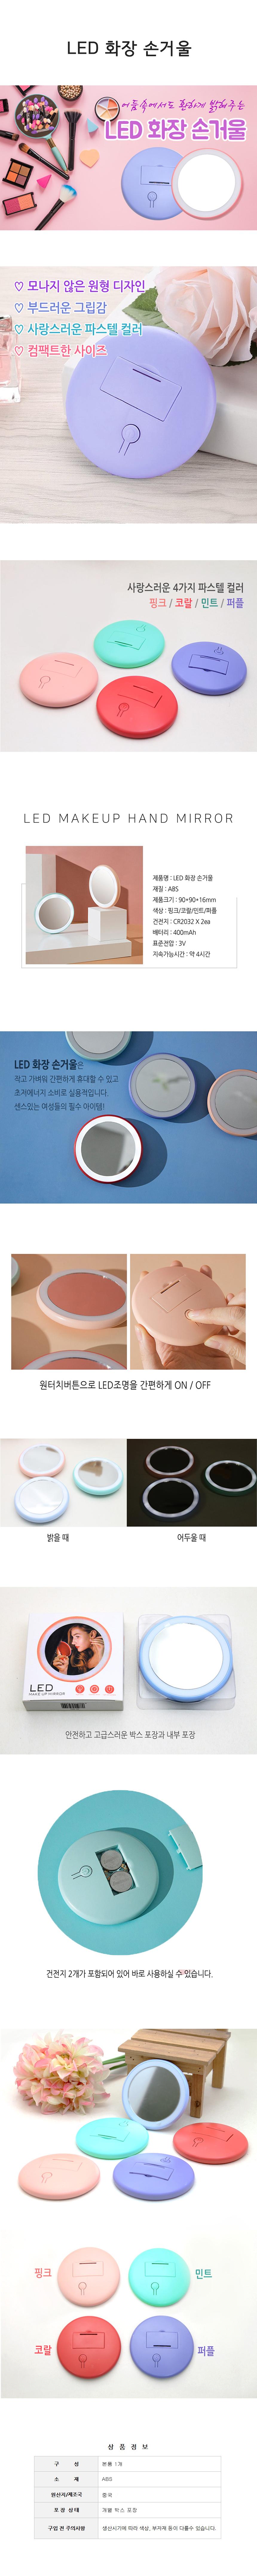 LED 원형 화장 손거울 - 민이네, 5,200원, 메이크업브러쉬/도구, 메이크업소품